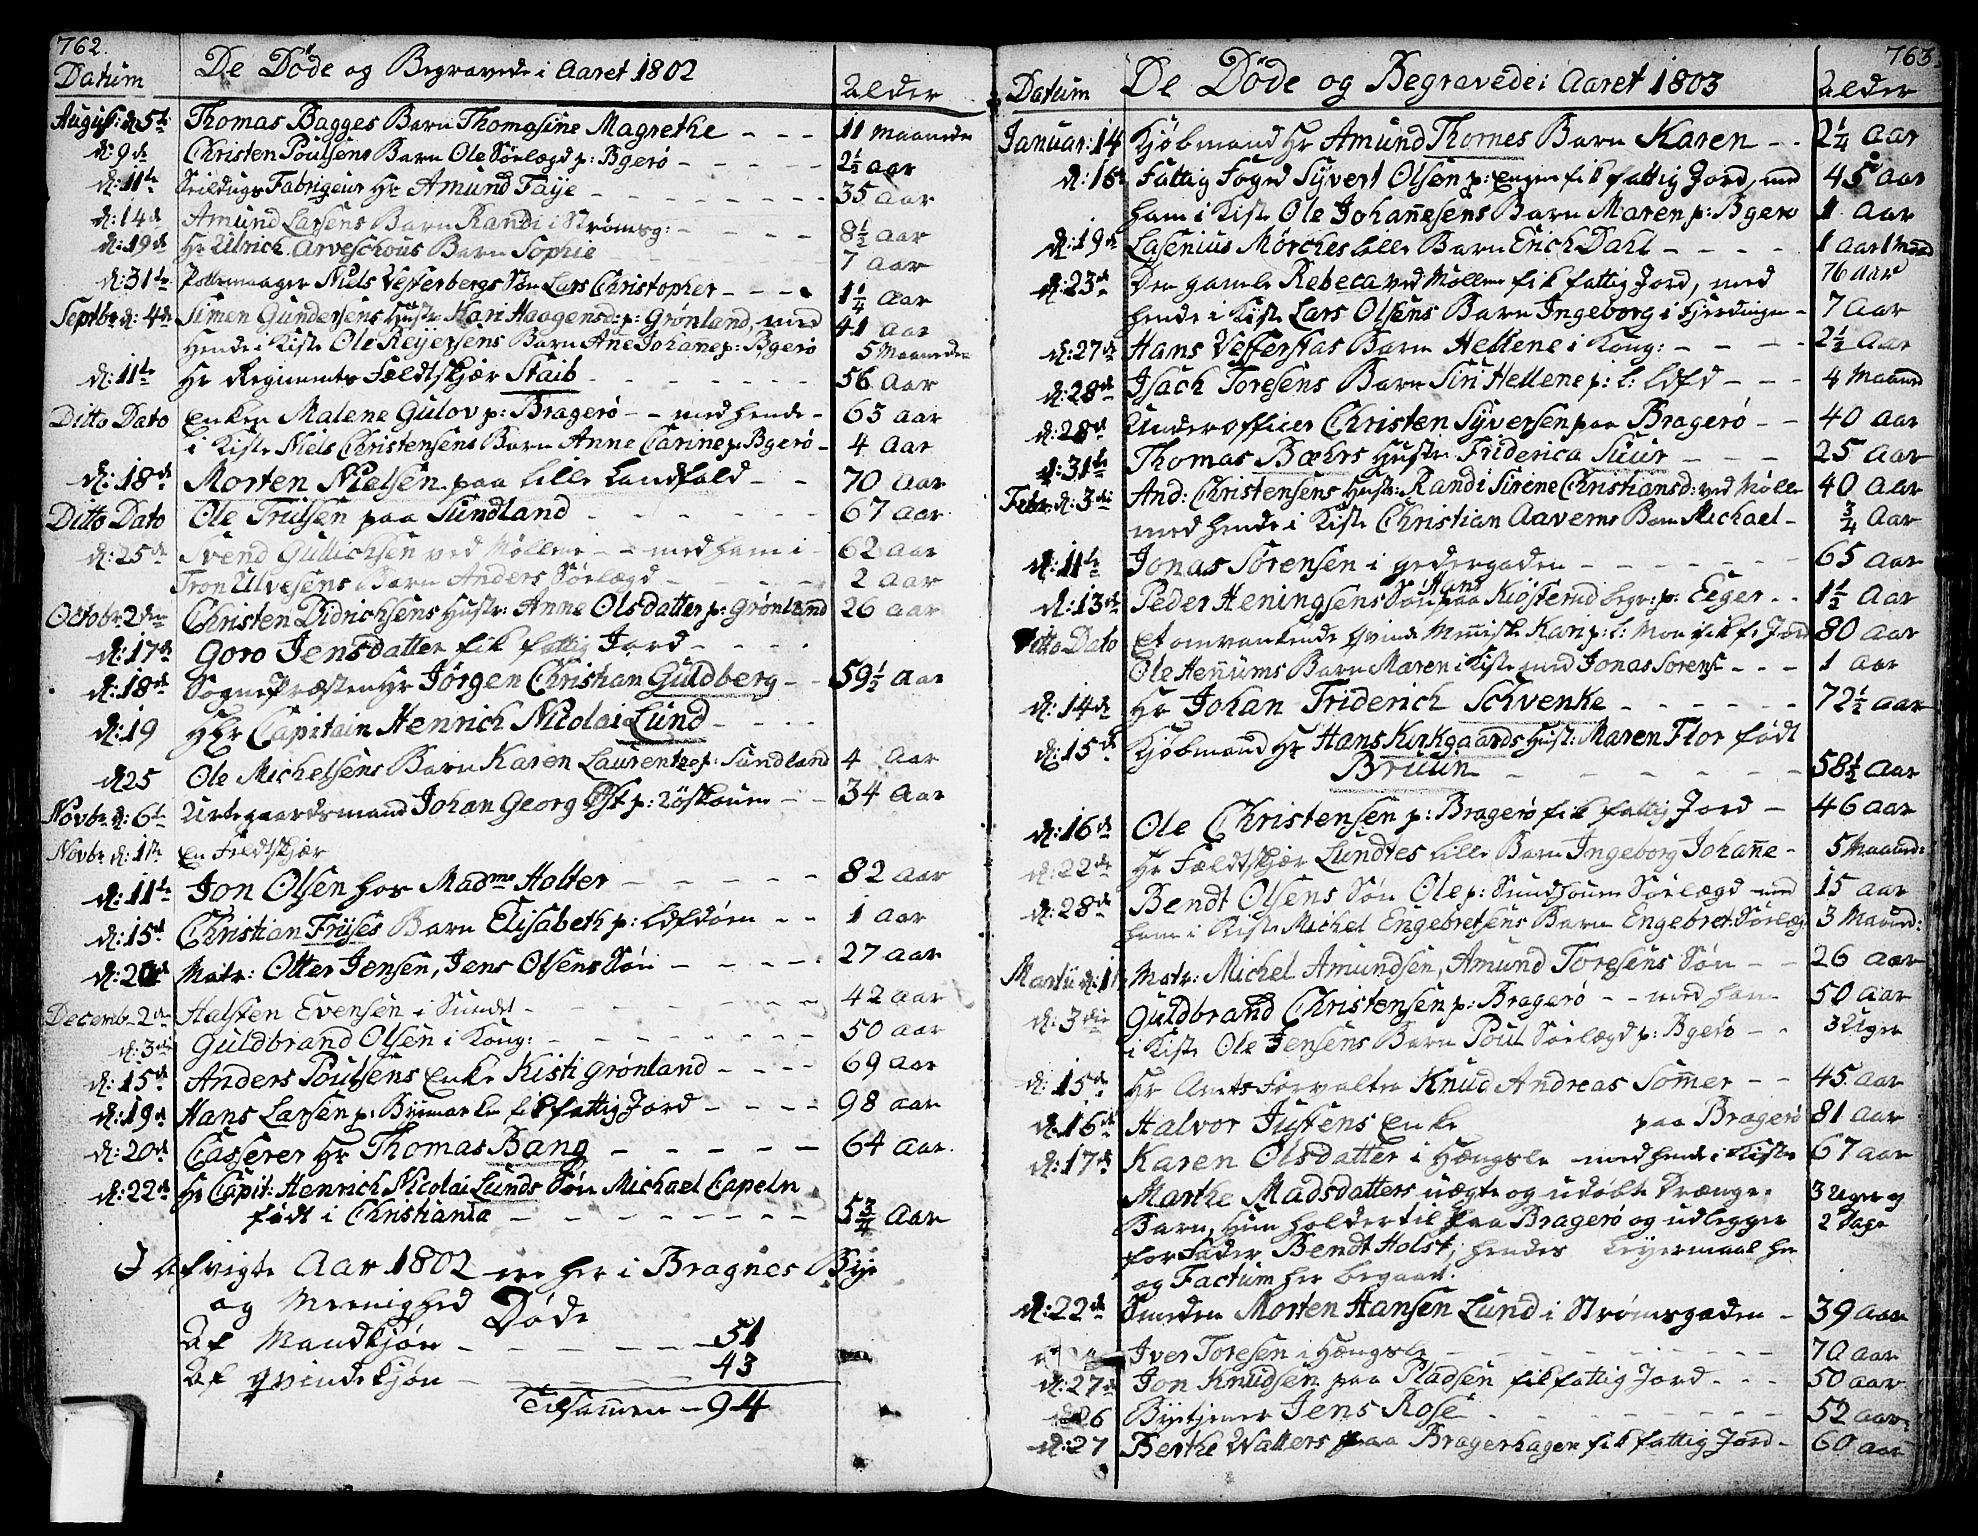 SAKO, Bragernes kirkebøker, F/Fa/L0006a: Ministerialbok nr. I 6, 1782-1814, s. 762-763